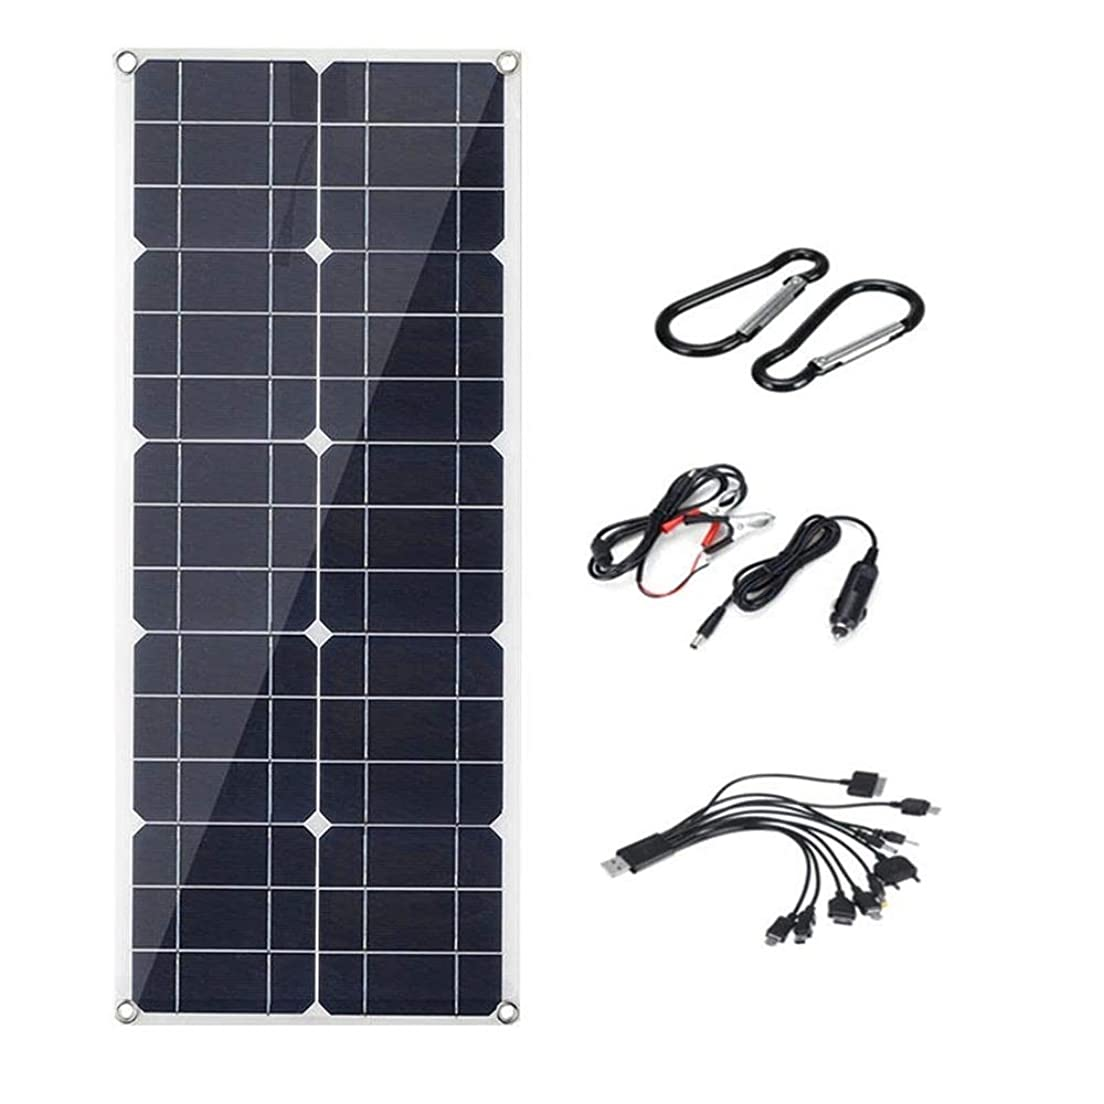 エンティティロッカー分数ソーラーパネル キャンプハイキングクライミングサイクリング200W柔軟なソーラーパネルのUSBコネクタ単結晶バッテリーチャージャー 太陽光発電 (Color : Black, Size : 30W)